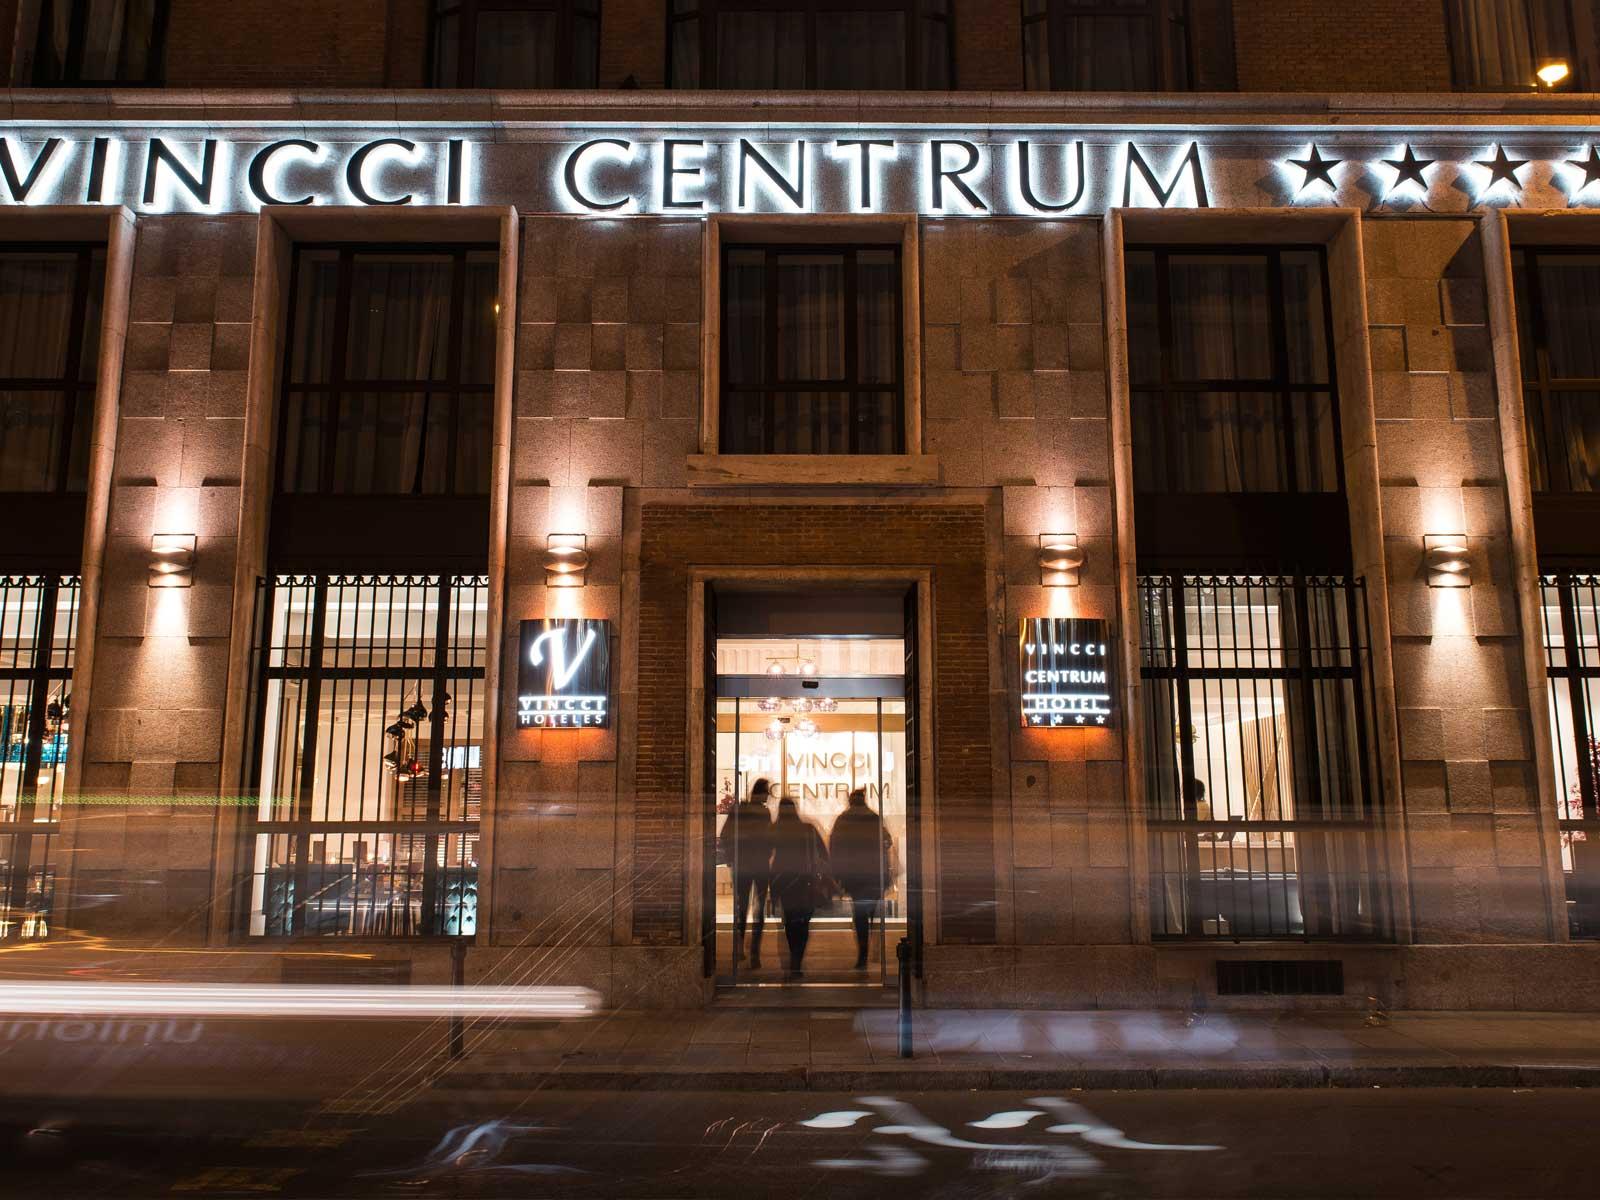 Fachada - Vincci Centrum 4*